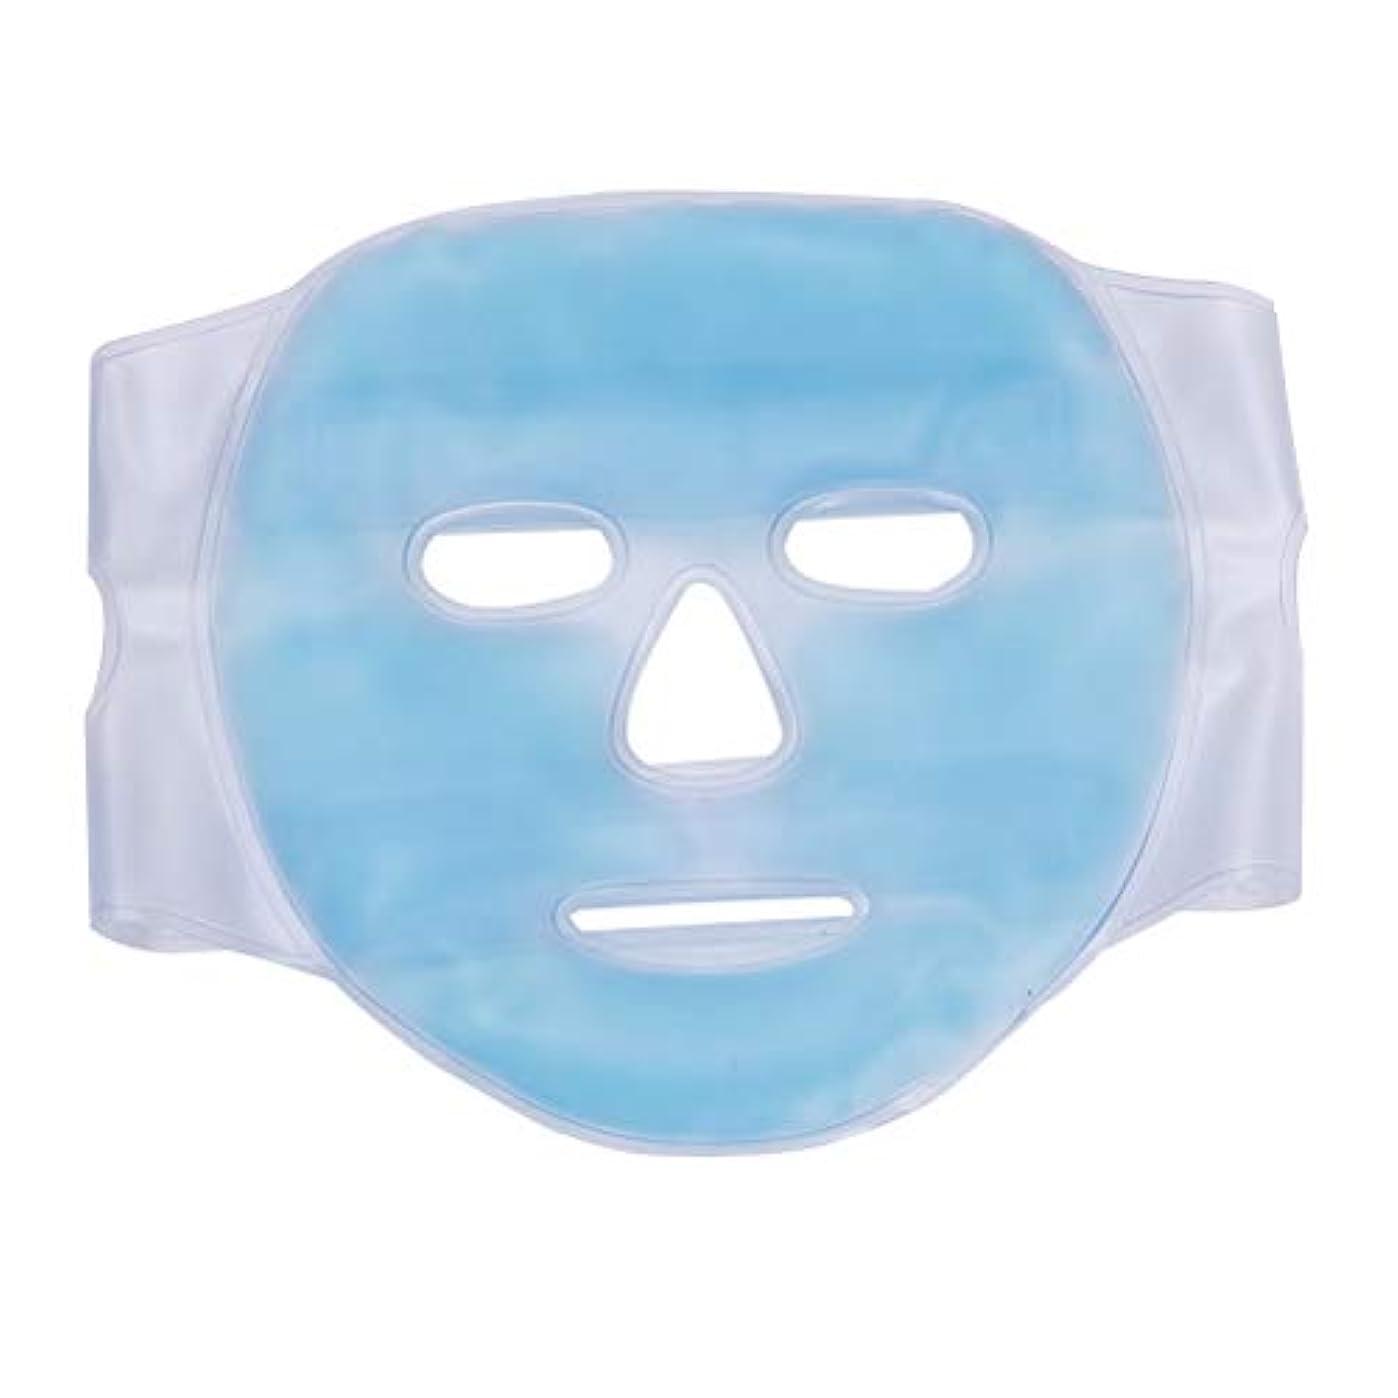 ゲーム紫のとても多くのSUPVOX 美容マスクホットコールドセラピージェルビーズフルフェイシャルマスク睡眠用片頭痛緩腫れぼったい顔(青)